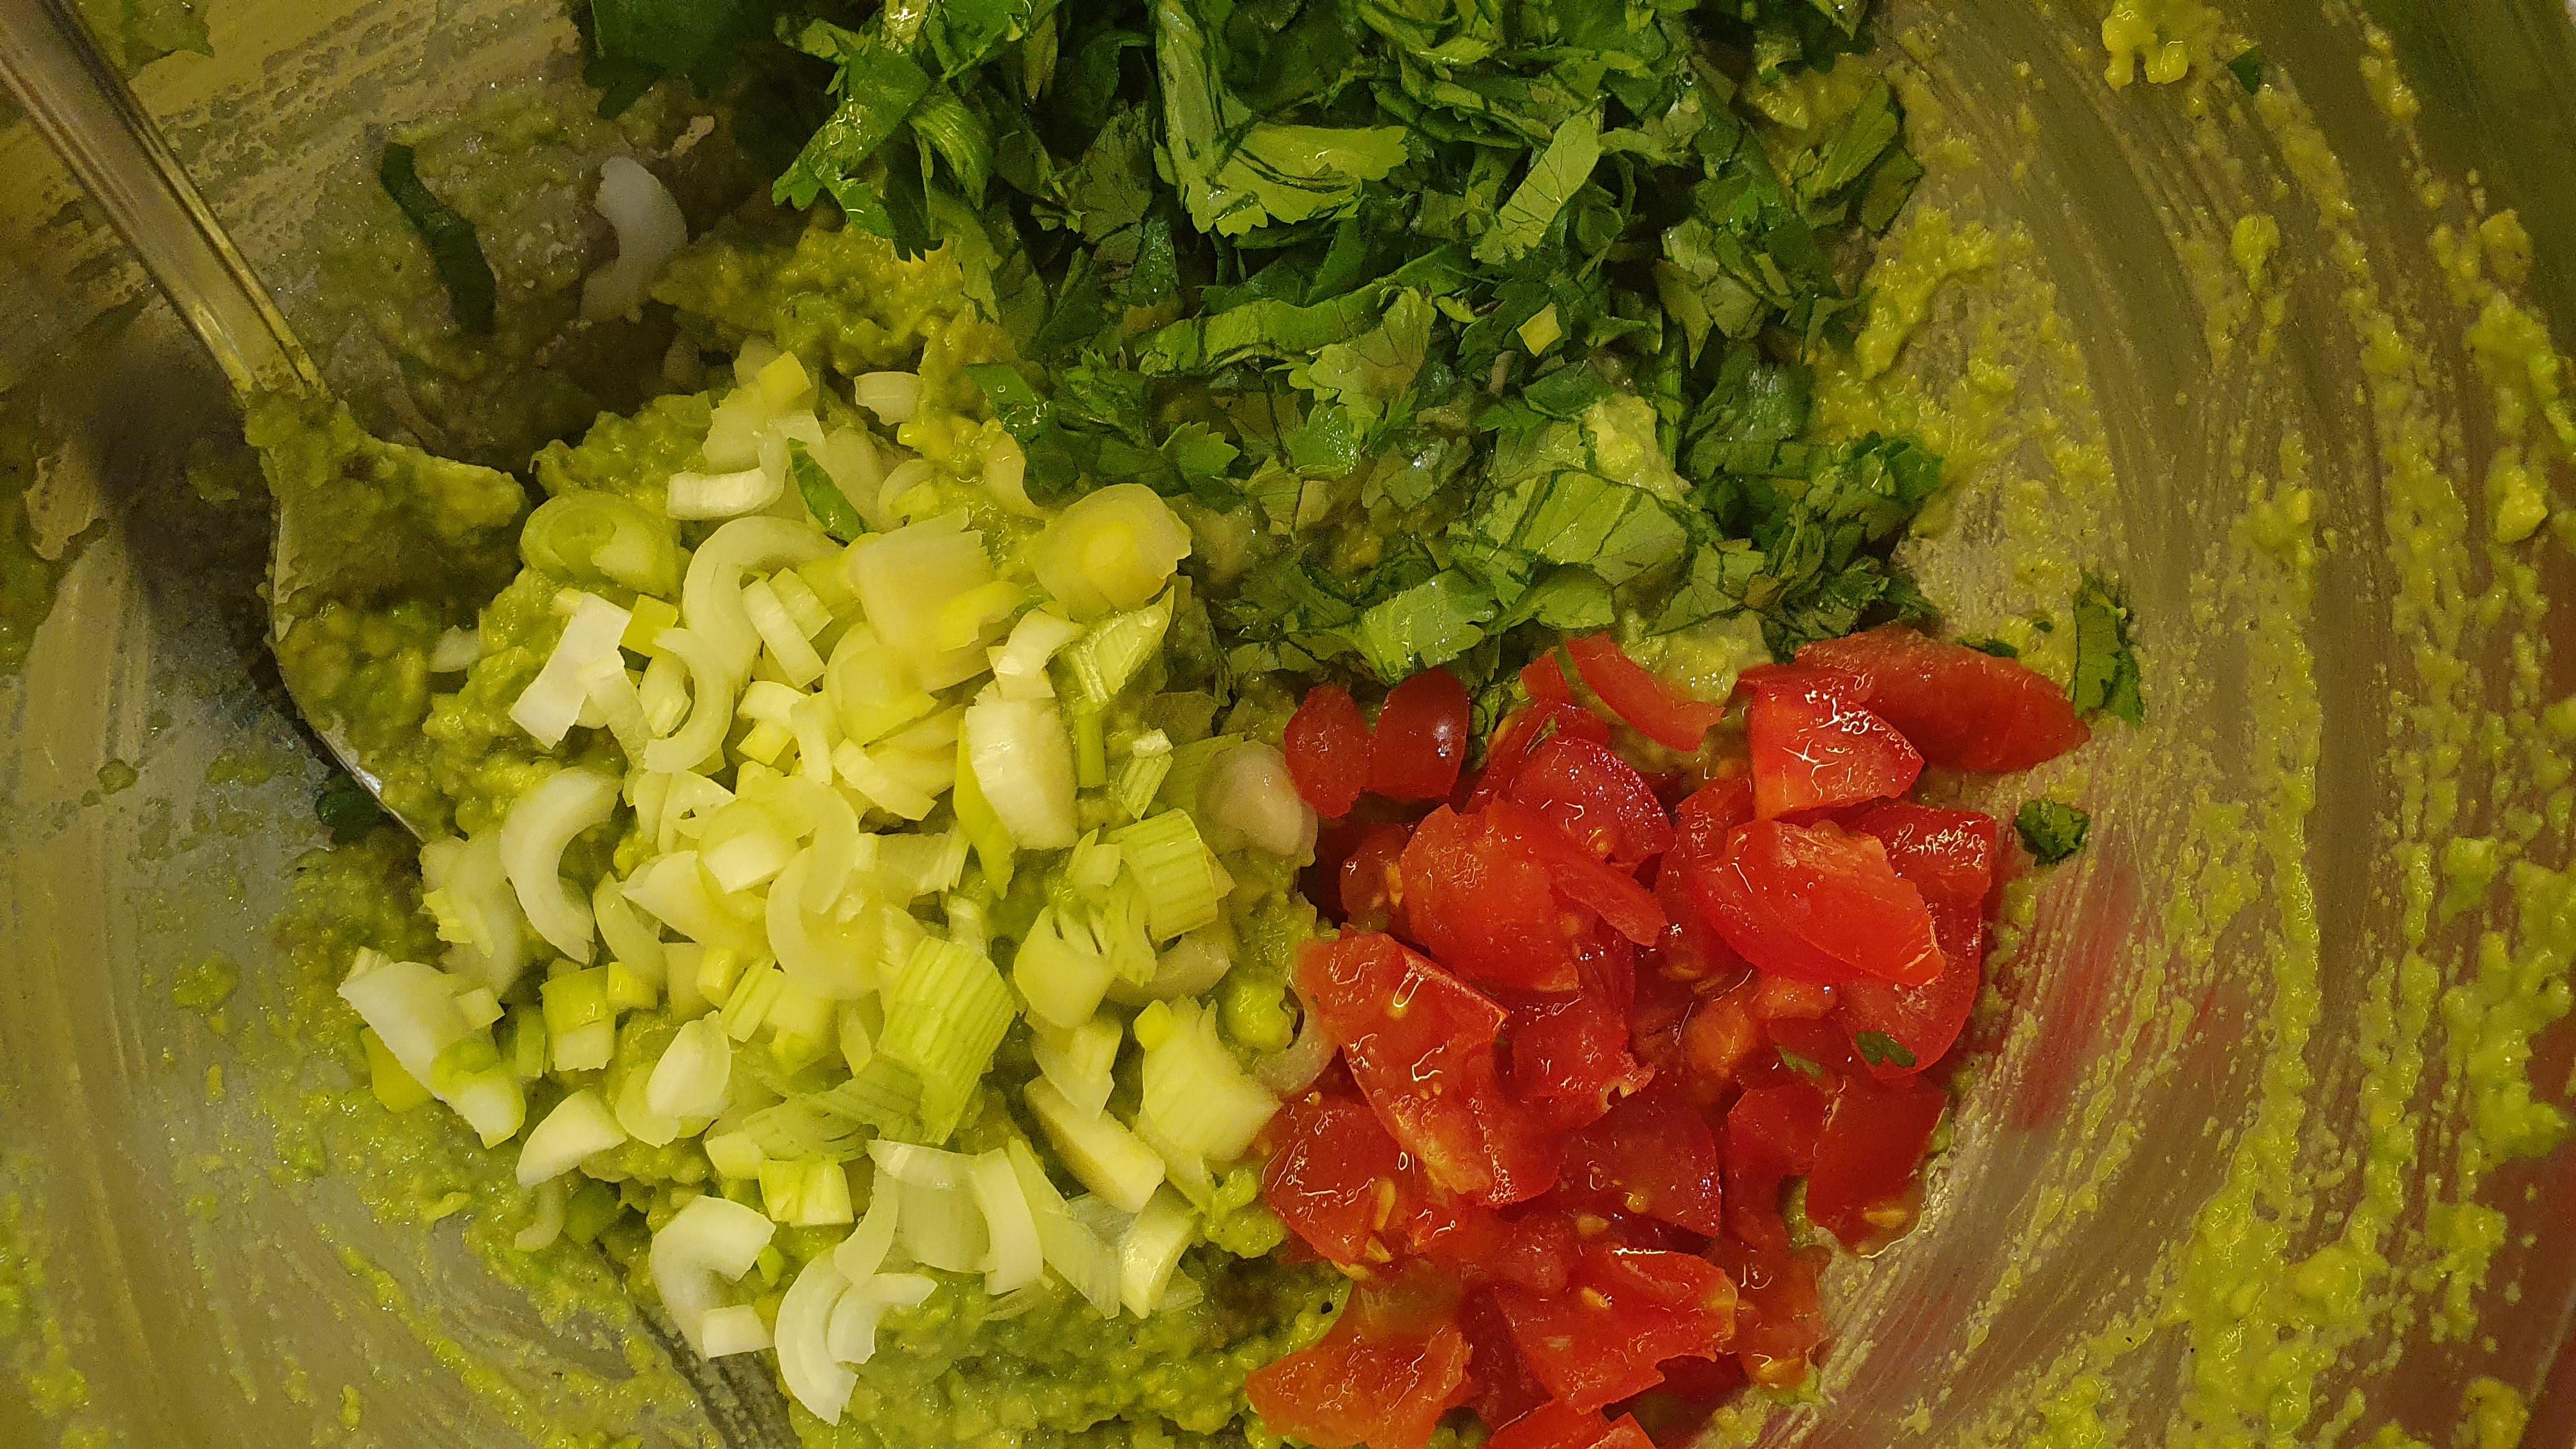 Až teraz prichádzajú na rad nadrobno nakrájané ingrediencie – 2 cherry paradajky, jedna mladá cibuľka a hrsť koriandru.